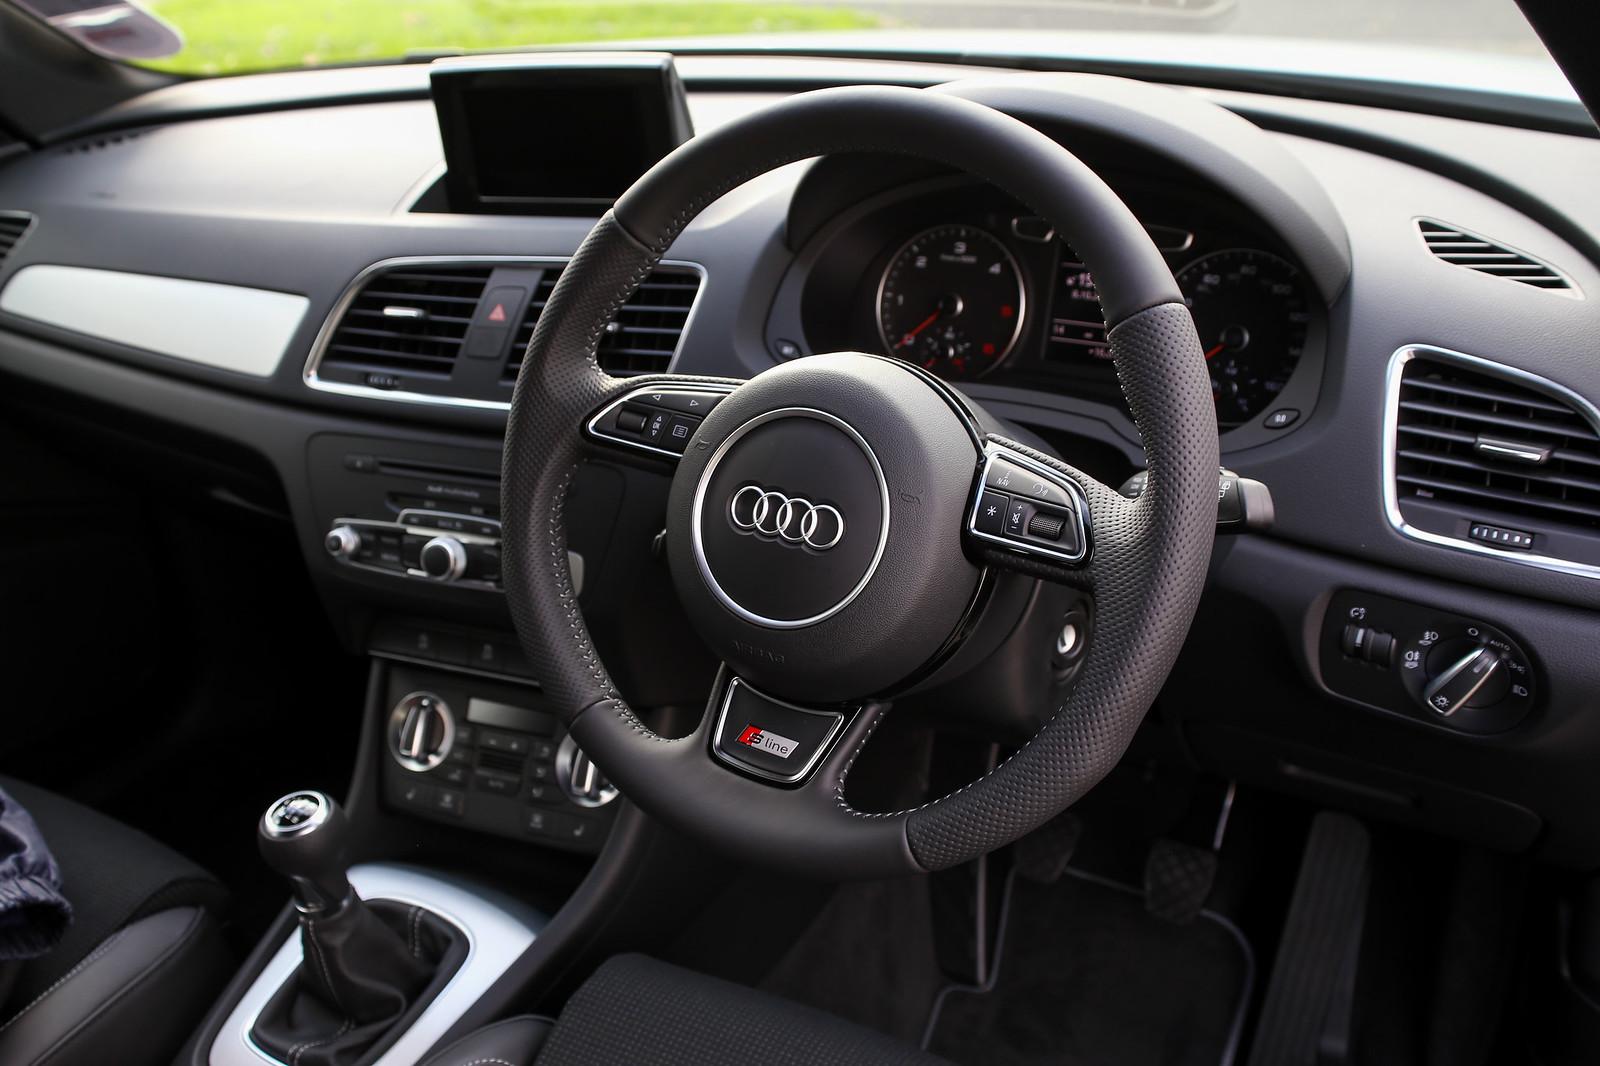 Audi q3 manual transmission